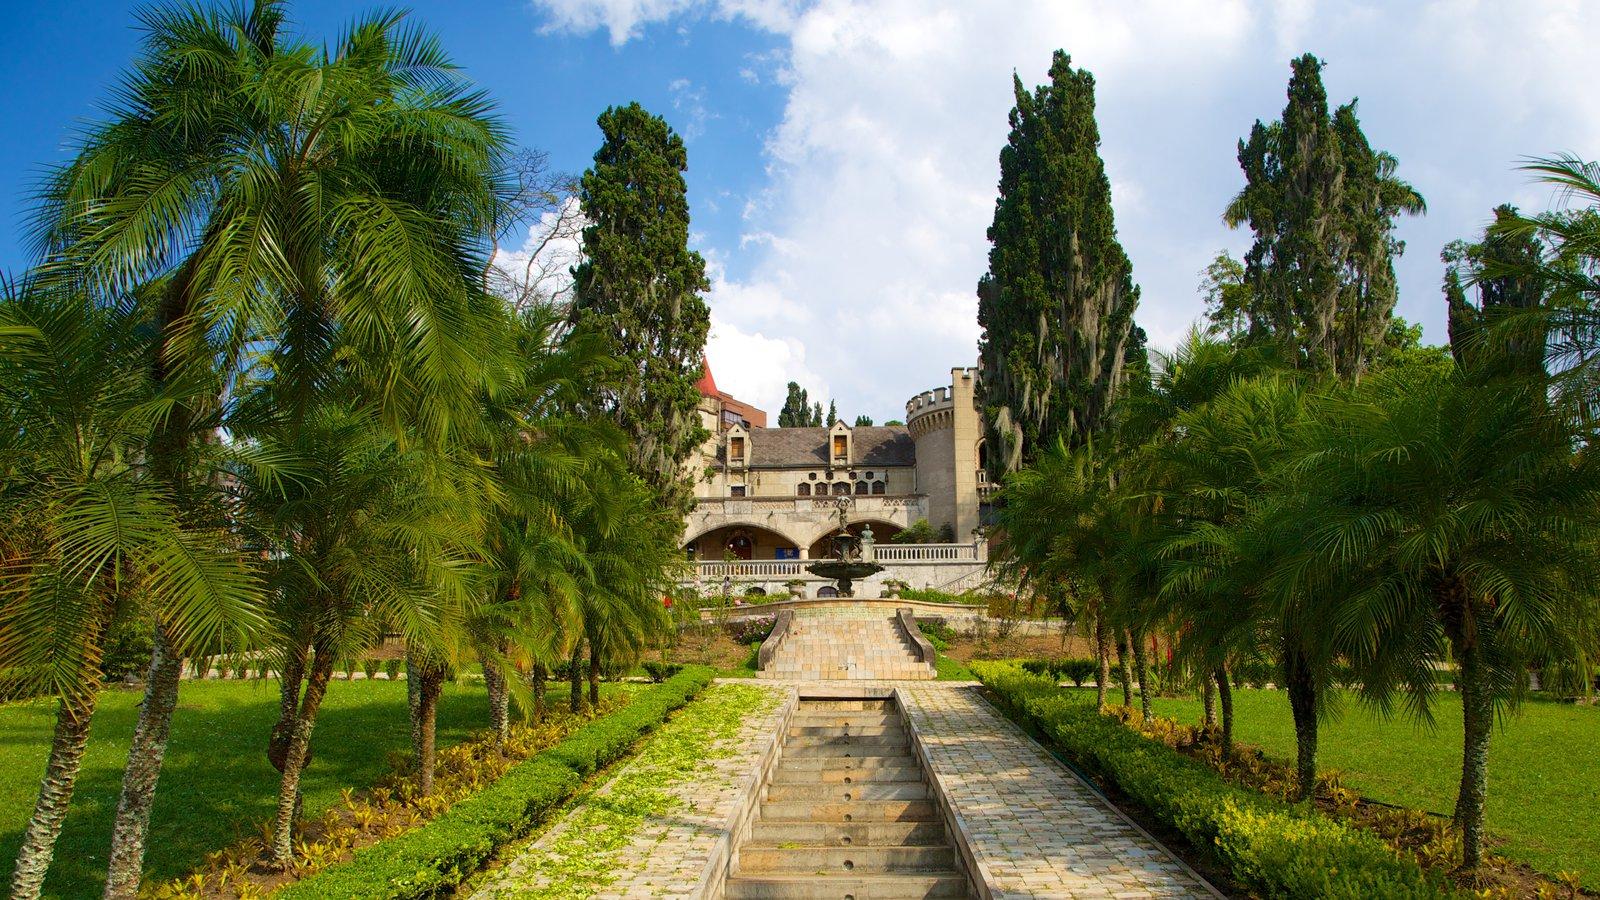 Museo El Castillo mostrando um pequeno castelo ou palácio e um parque